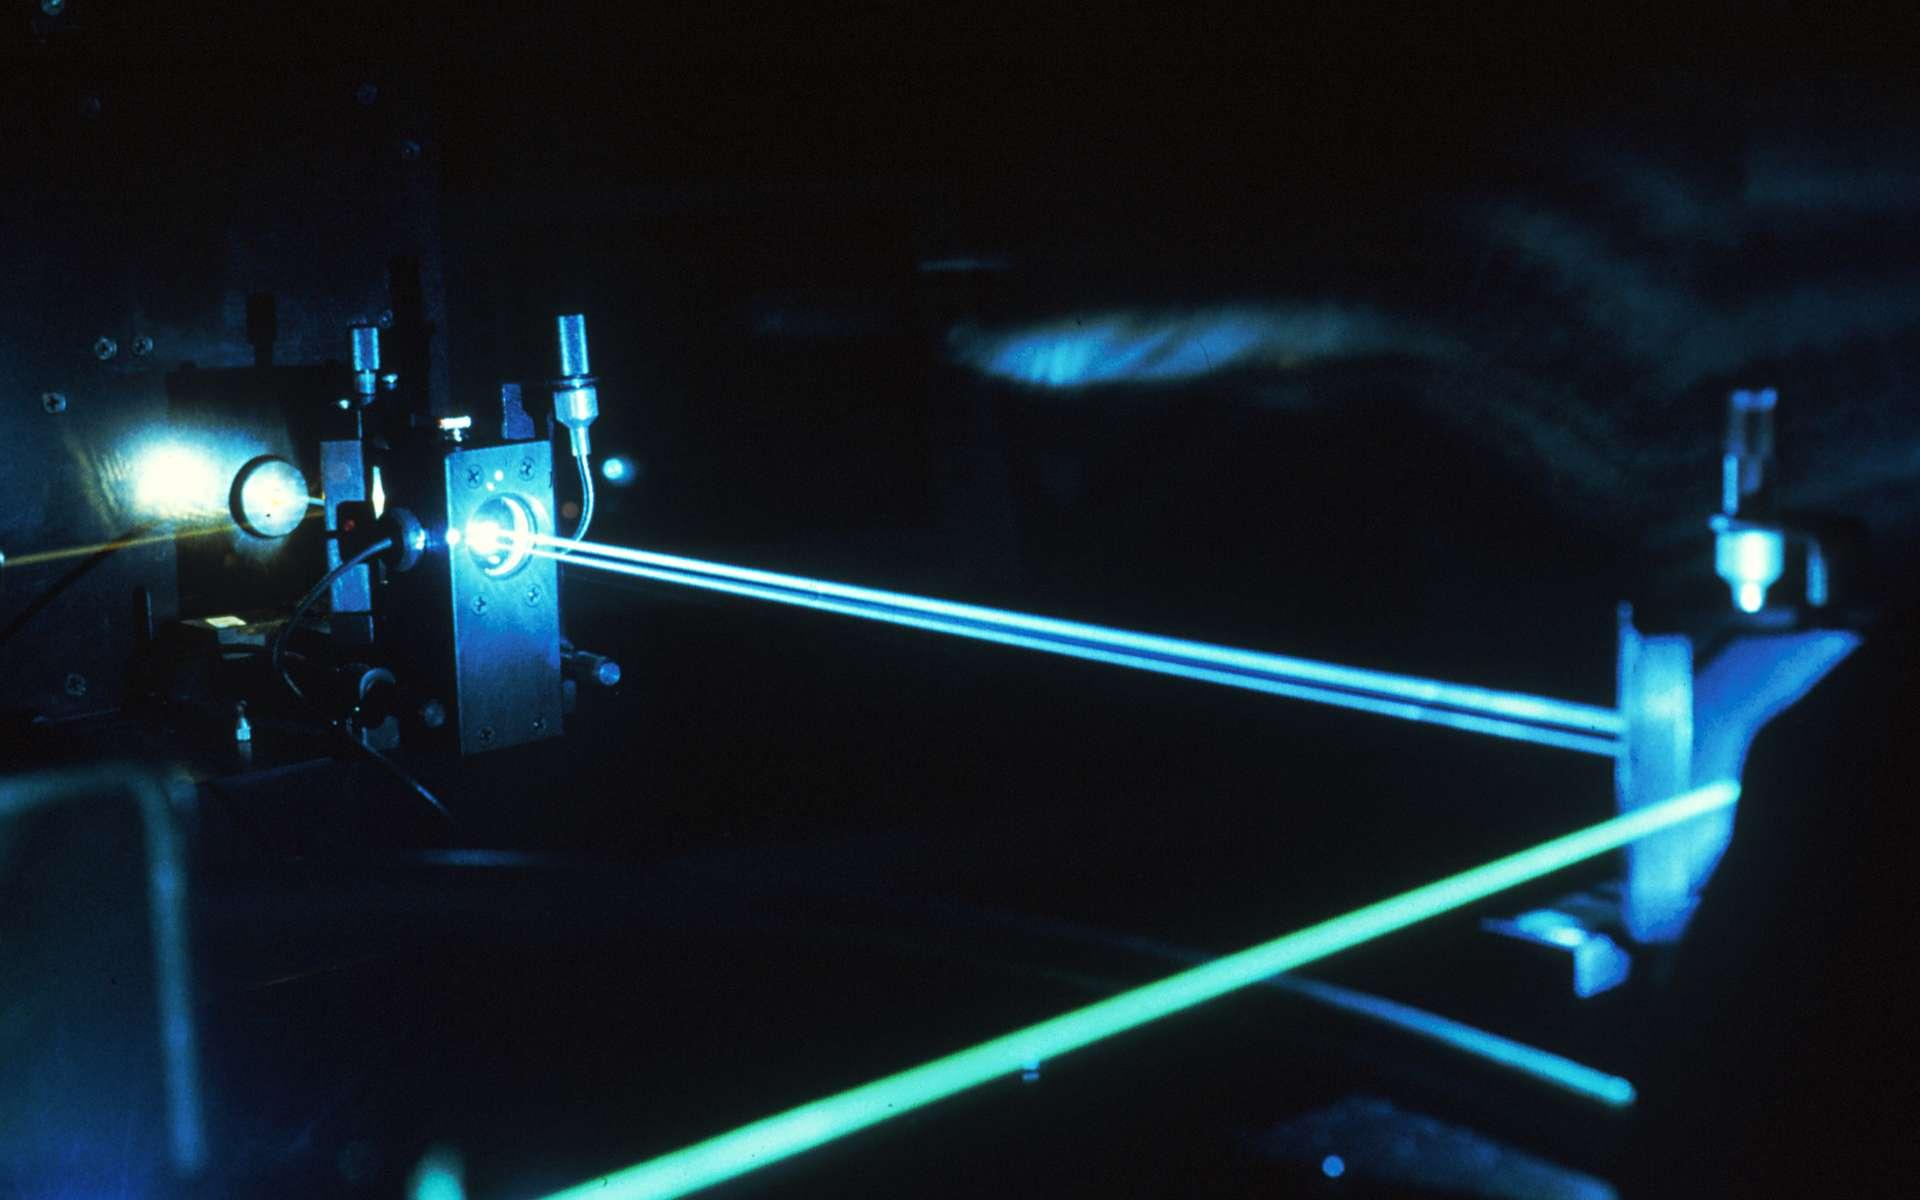 Le laser est déjà utilisé dans le domaine médical mais refroidir un liquide grâce au laser est une première qui pourrait ouvrir la porte à de nombreuses applications. © National Cancer Institute, Wikimedia Commons, DP